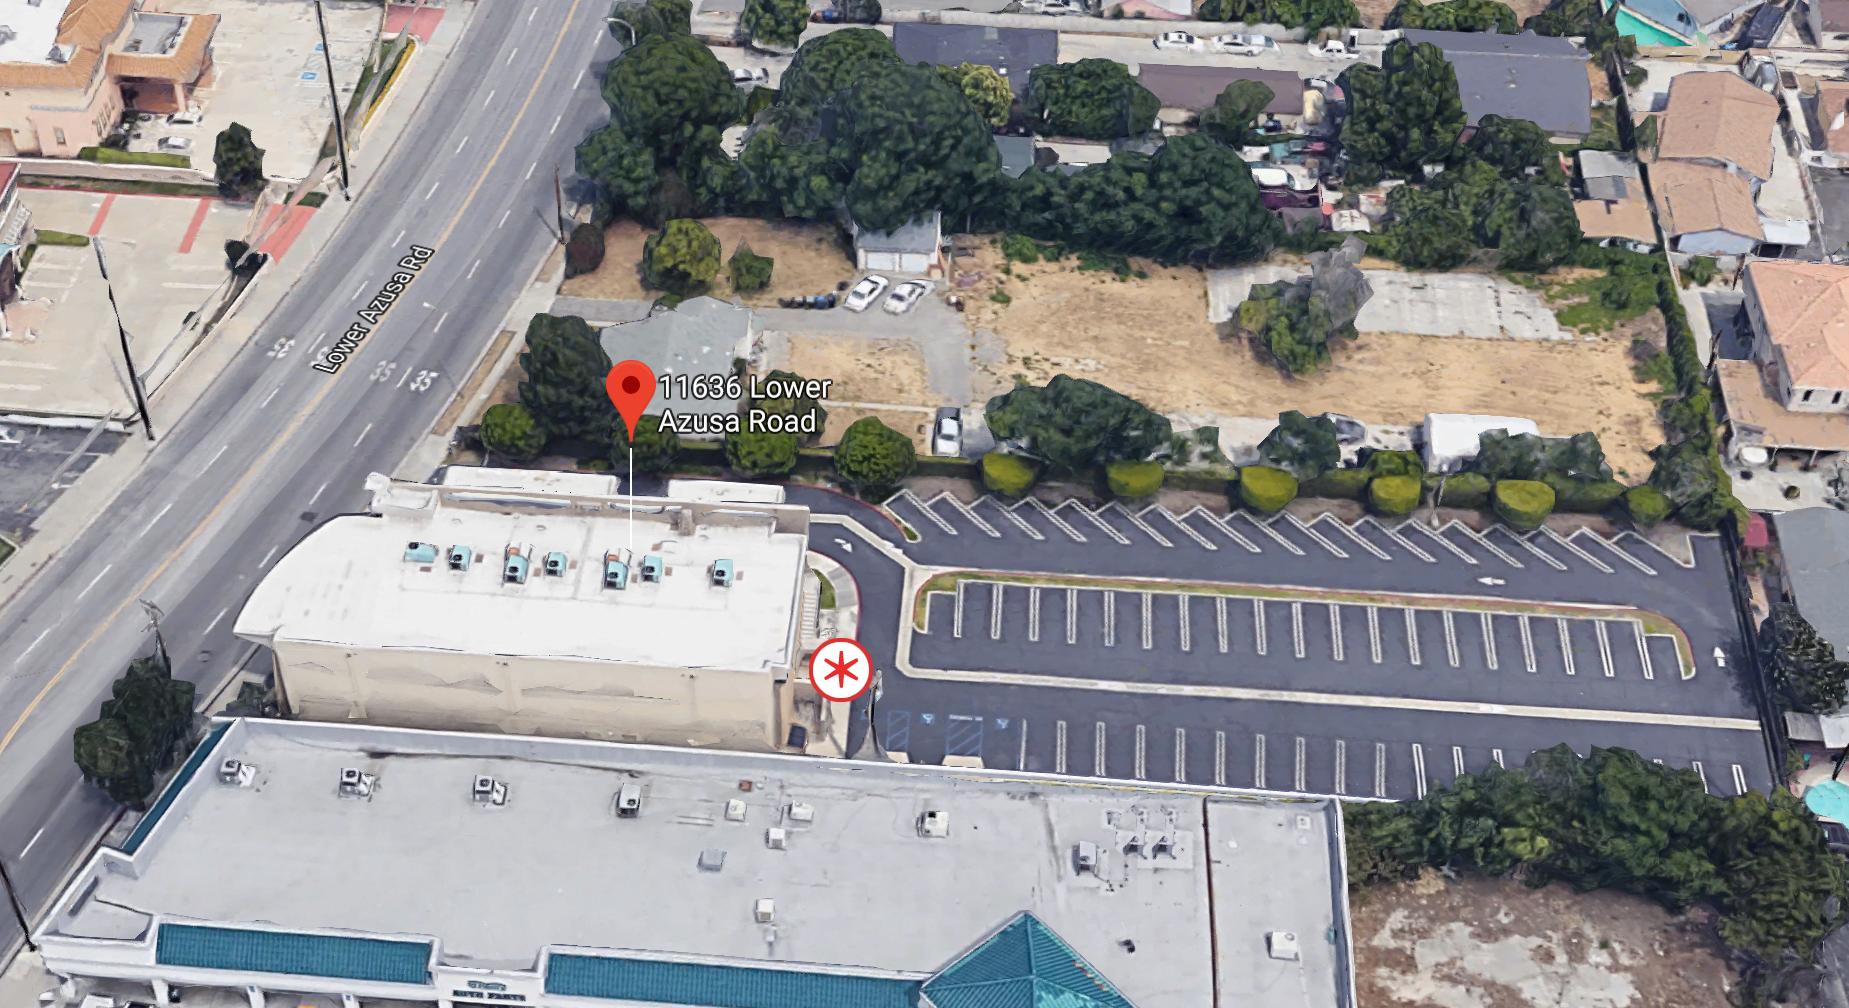 ParkingLotMap_rev.jpg